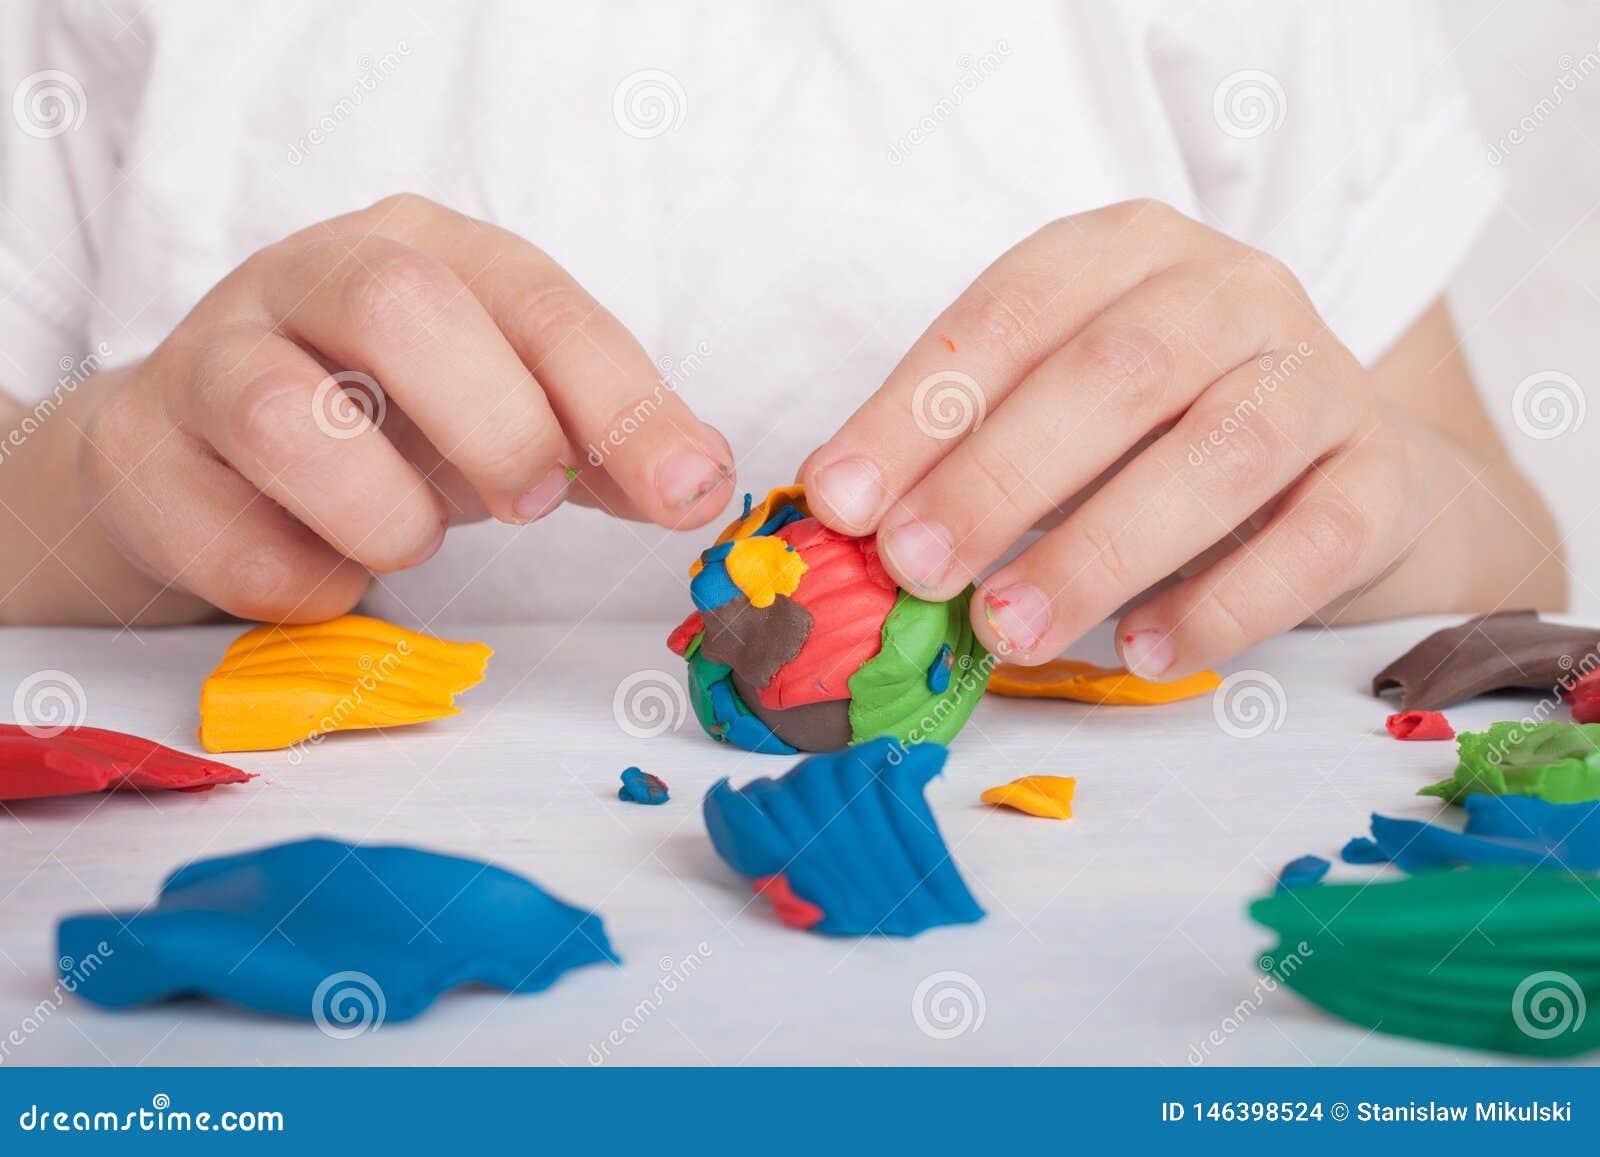 Desarrollo de las peque?as habilidades de motor de ni?os Un niño esculpe una bola colorida del plasticine